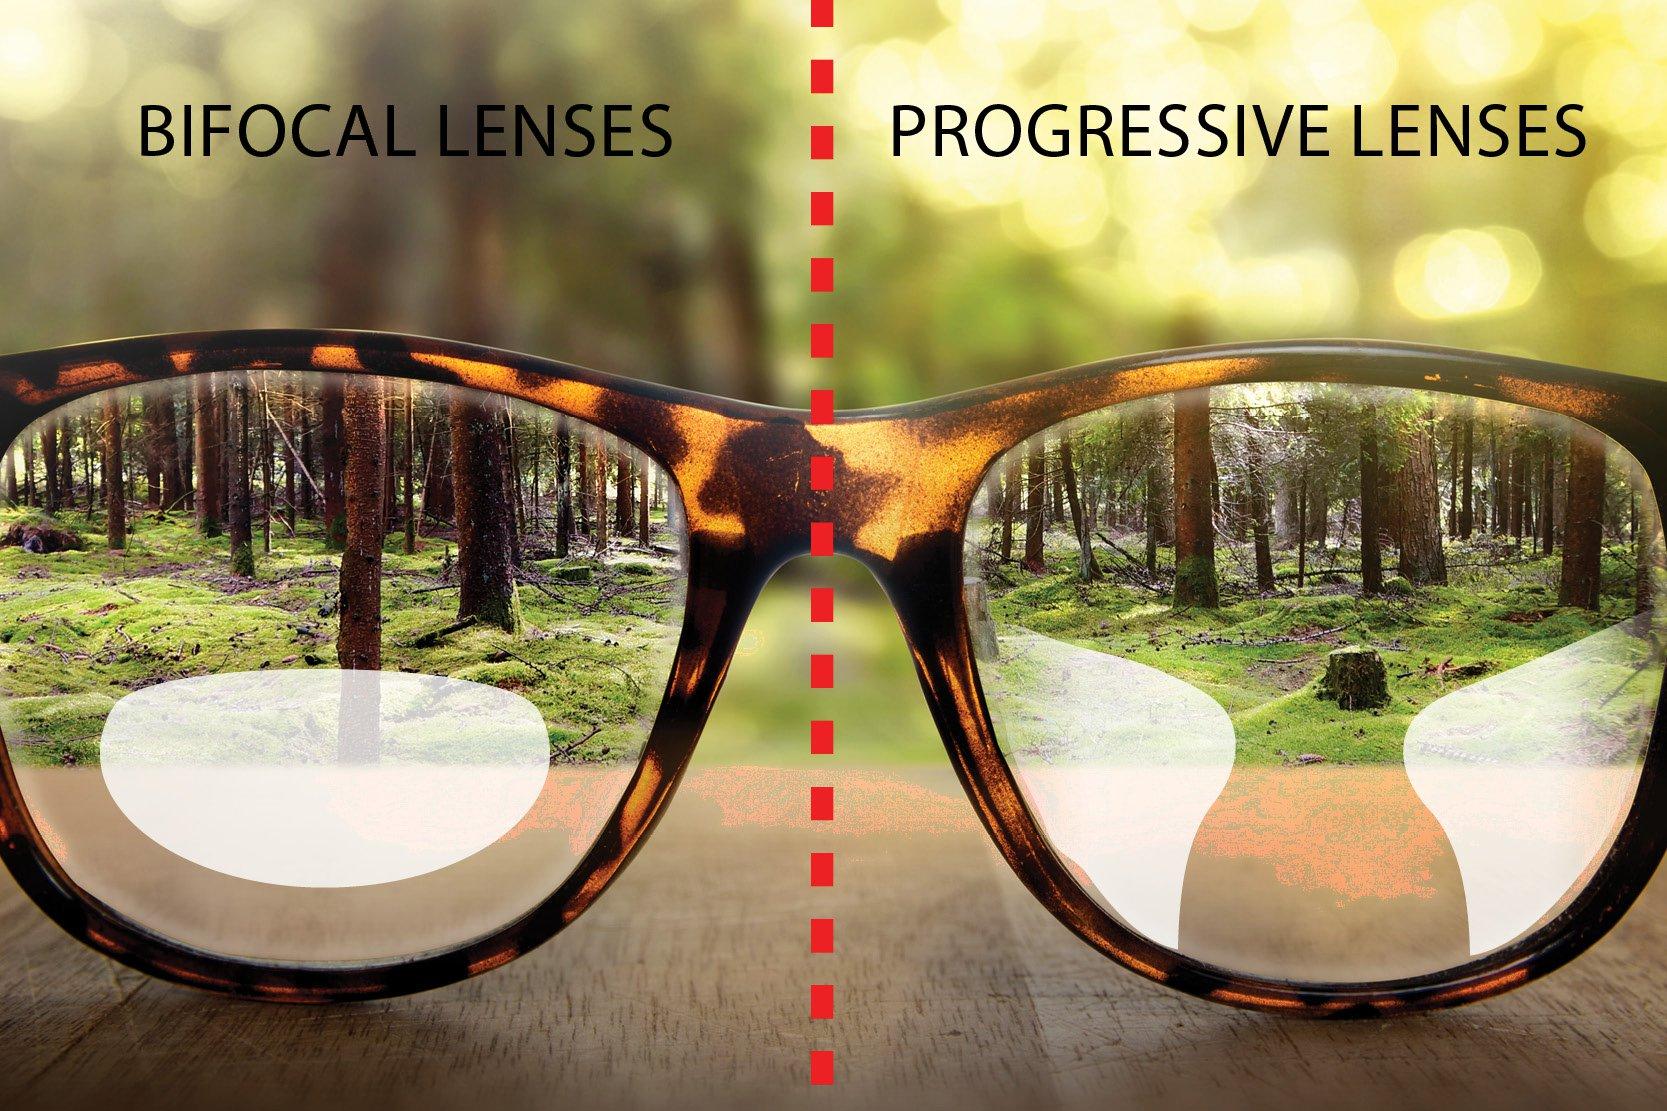 bifocals-vs-progressive